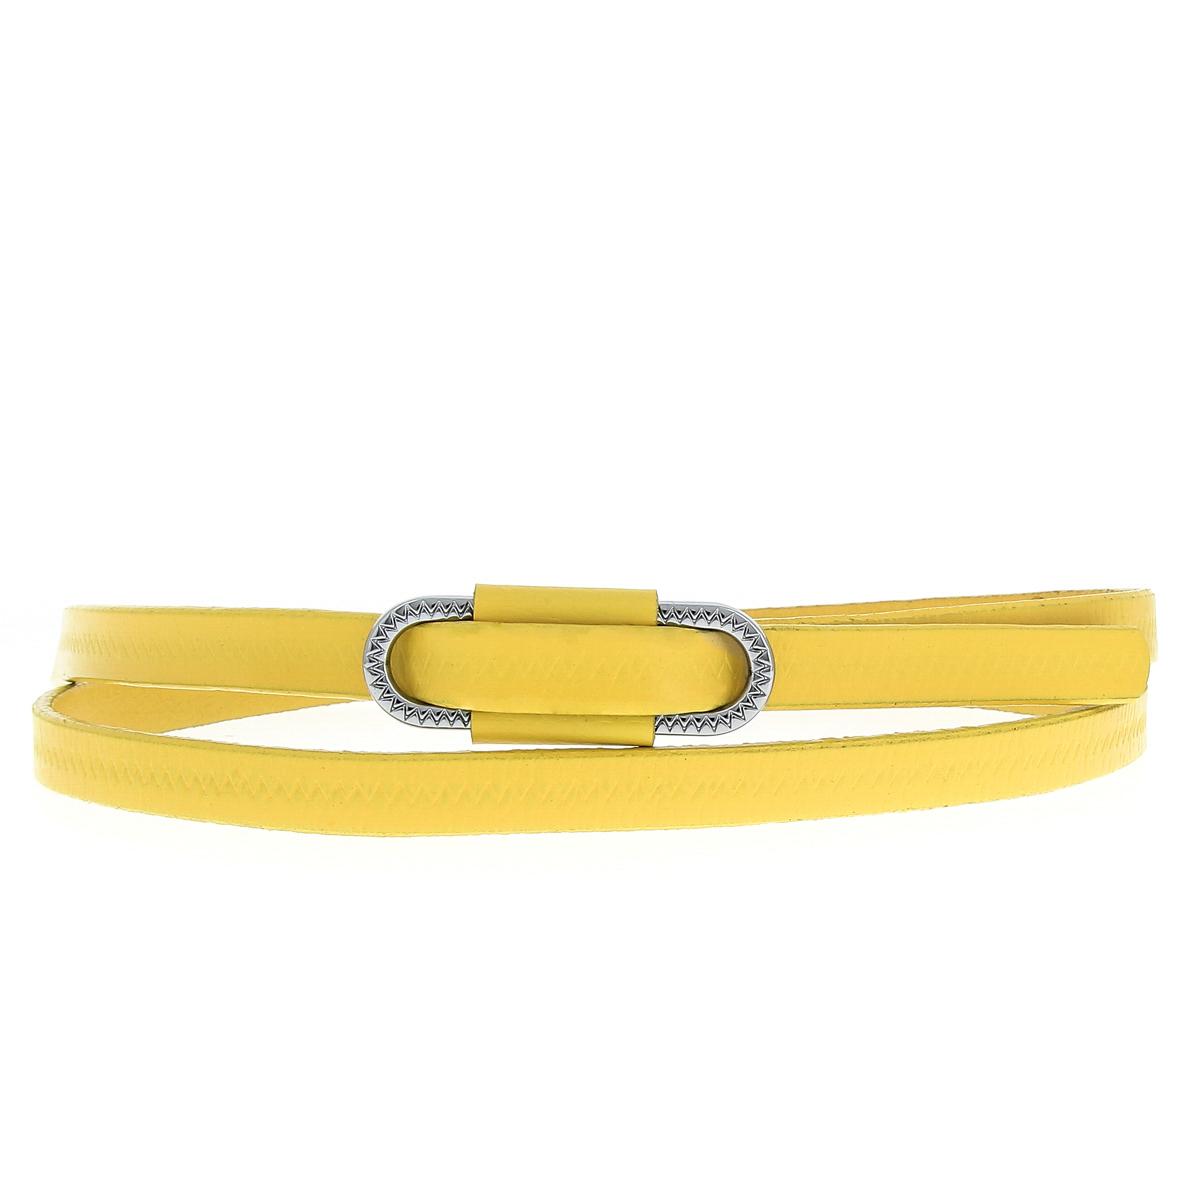 Ремень женский Dispacci, цвет: желтый. 15008. Размер 9515008Стильный и модный ремень Dispacci станет великолепным дополнением к любому образу. Узкий ремень изготовлен из натуральной кожи, пряжка выполнена из стали. Ремень декорирован зигзагообразной строчкой по всей длине. Оригинальная овальная пряжка украсит ваш наряд и позволит легко и быстро отрегулировать длину ремня. Такой изящный ремень шикарно дополнит образ и не перегрузит его лишними деталями, а также позволит вам подчеркнуть свой вкус и индивидуальность.Уважаемые клиенты! Обращаем ваше внимание на тот факт, что размер ремня, доступный для заказа, является его длиной.